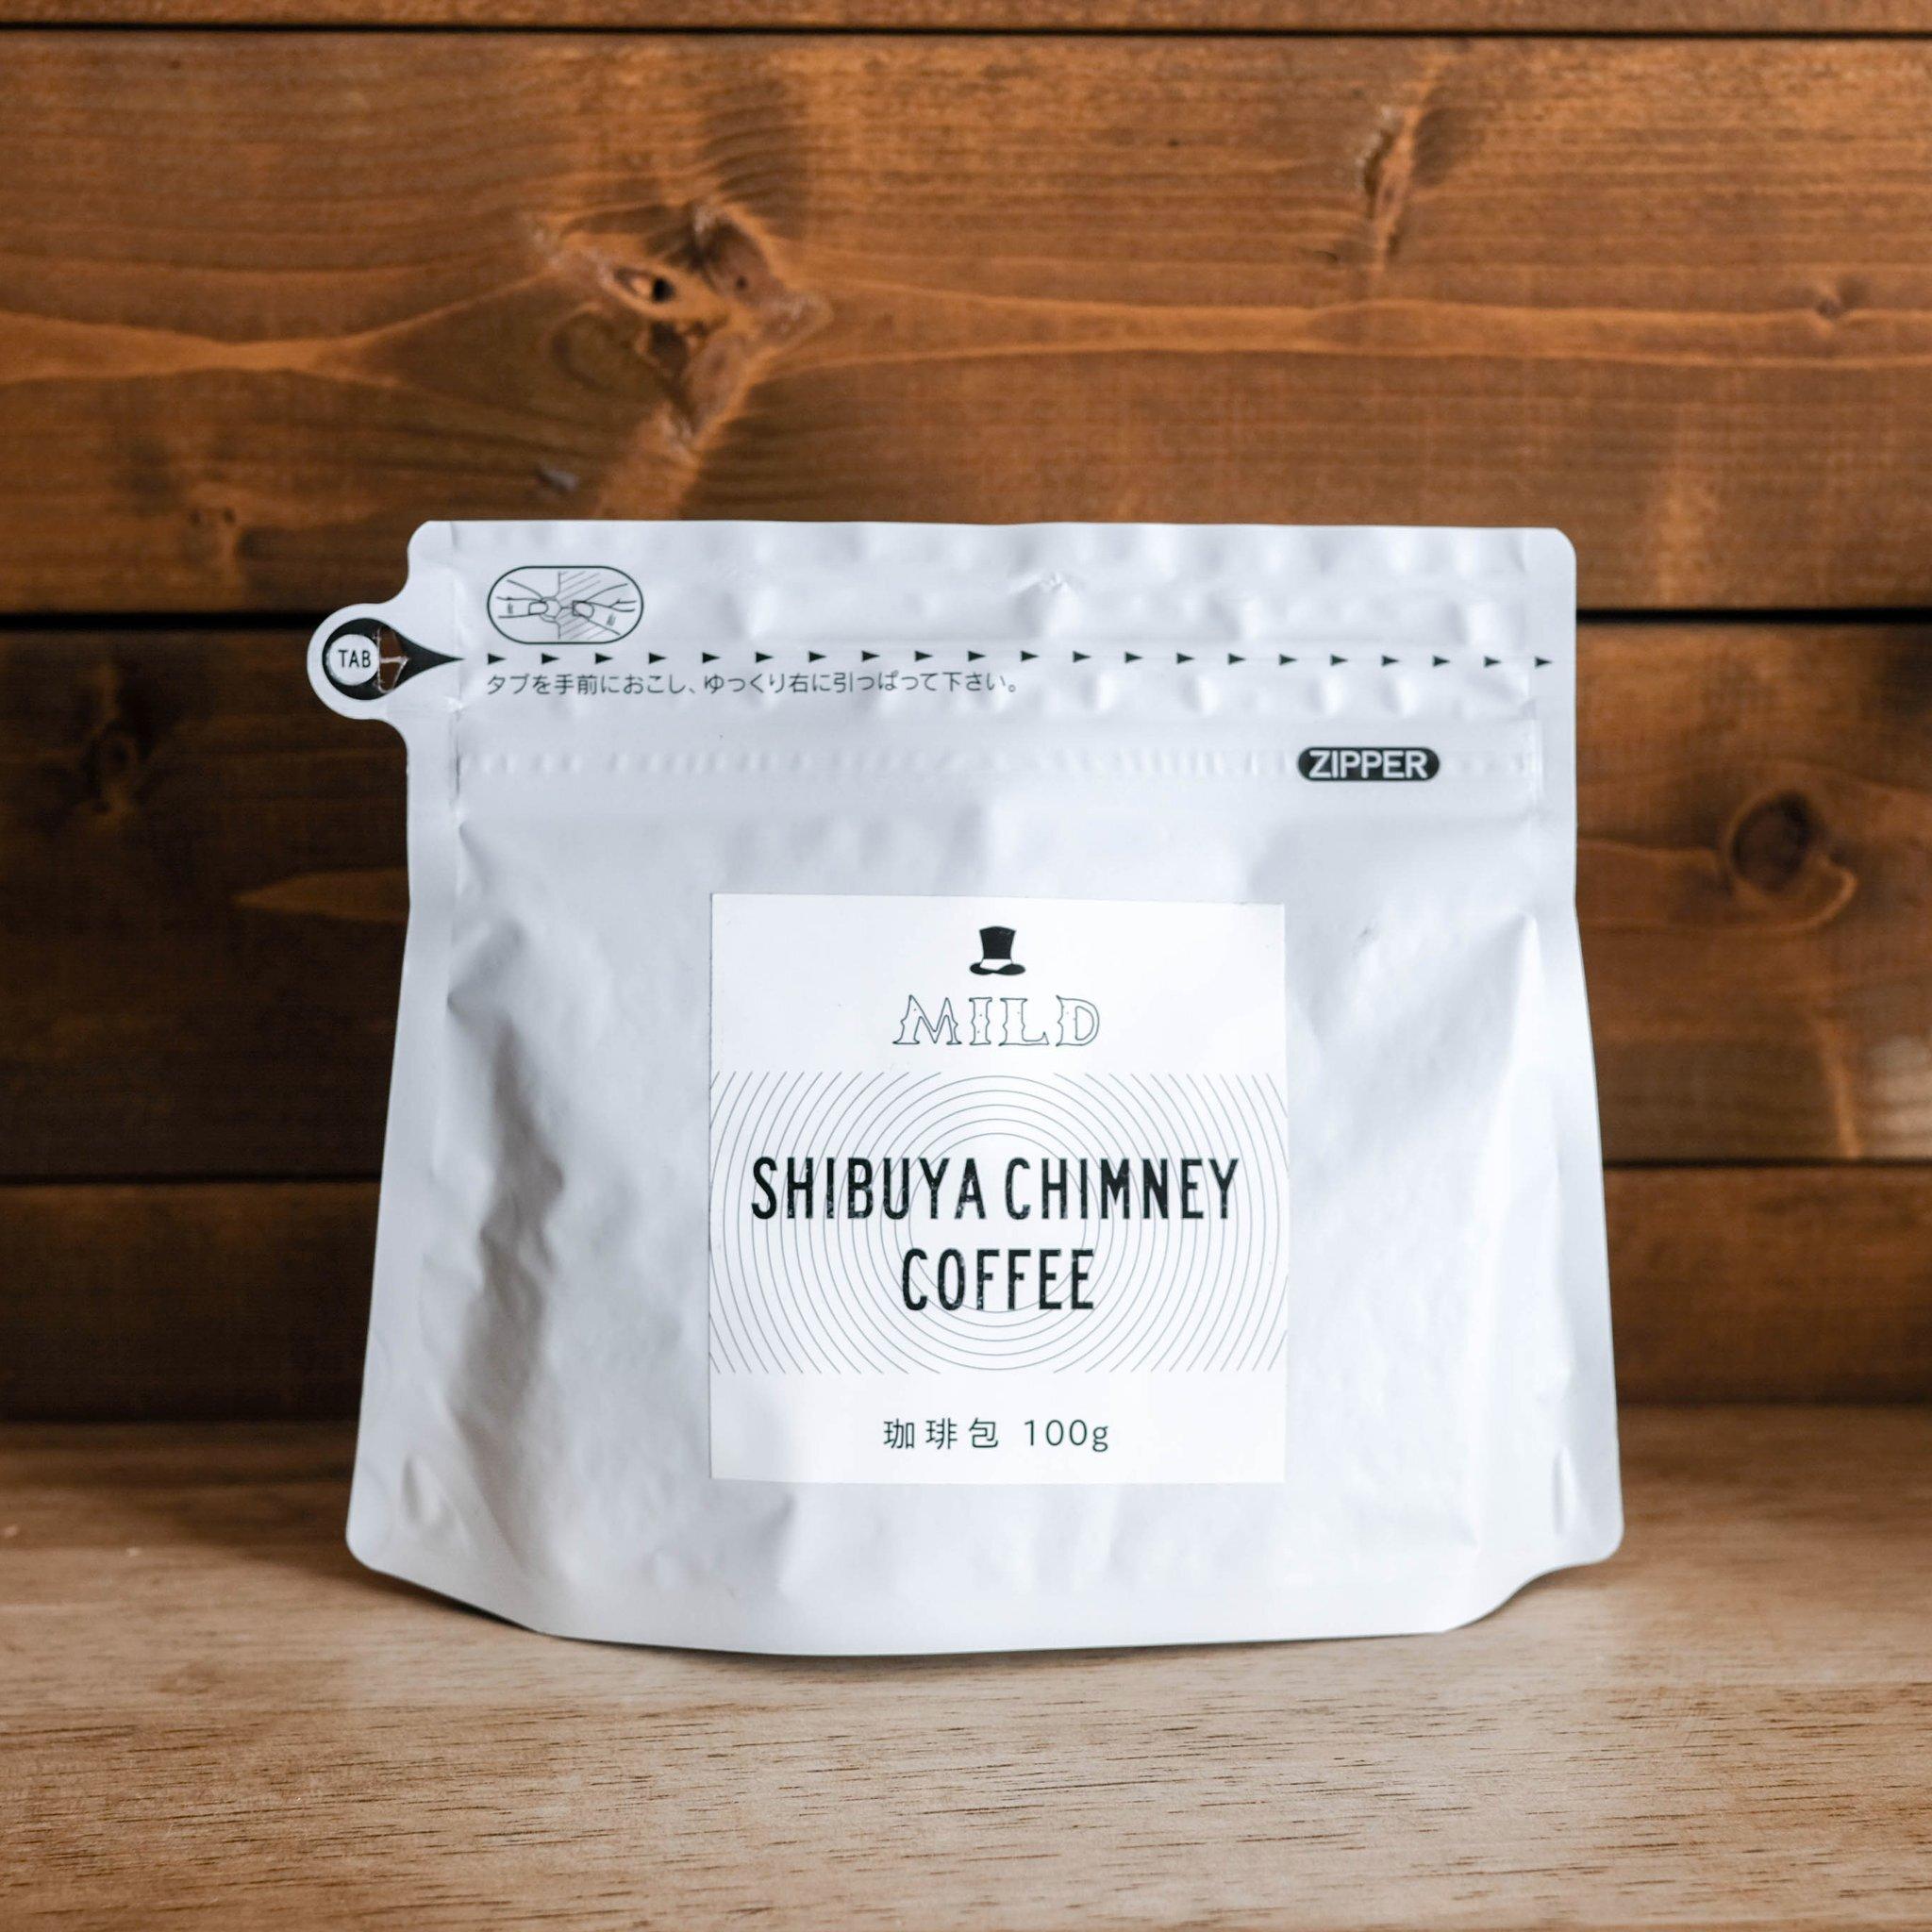 SHIBUYA CHIMNEY COFFEE (コーヒー豆)MILD100g×2